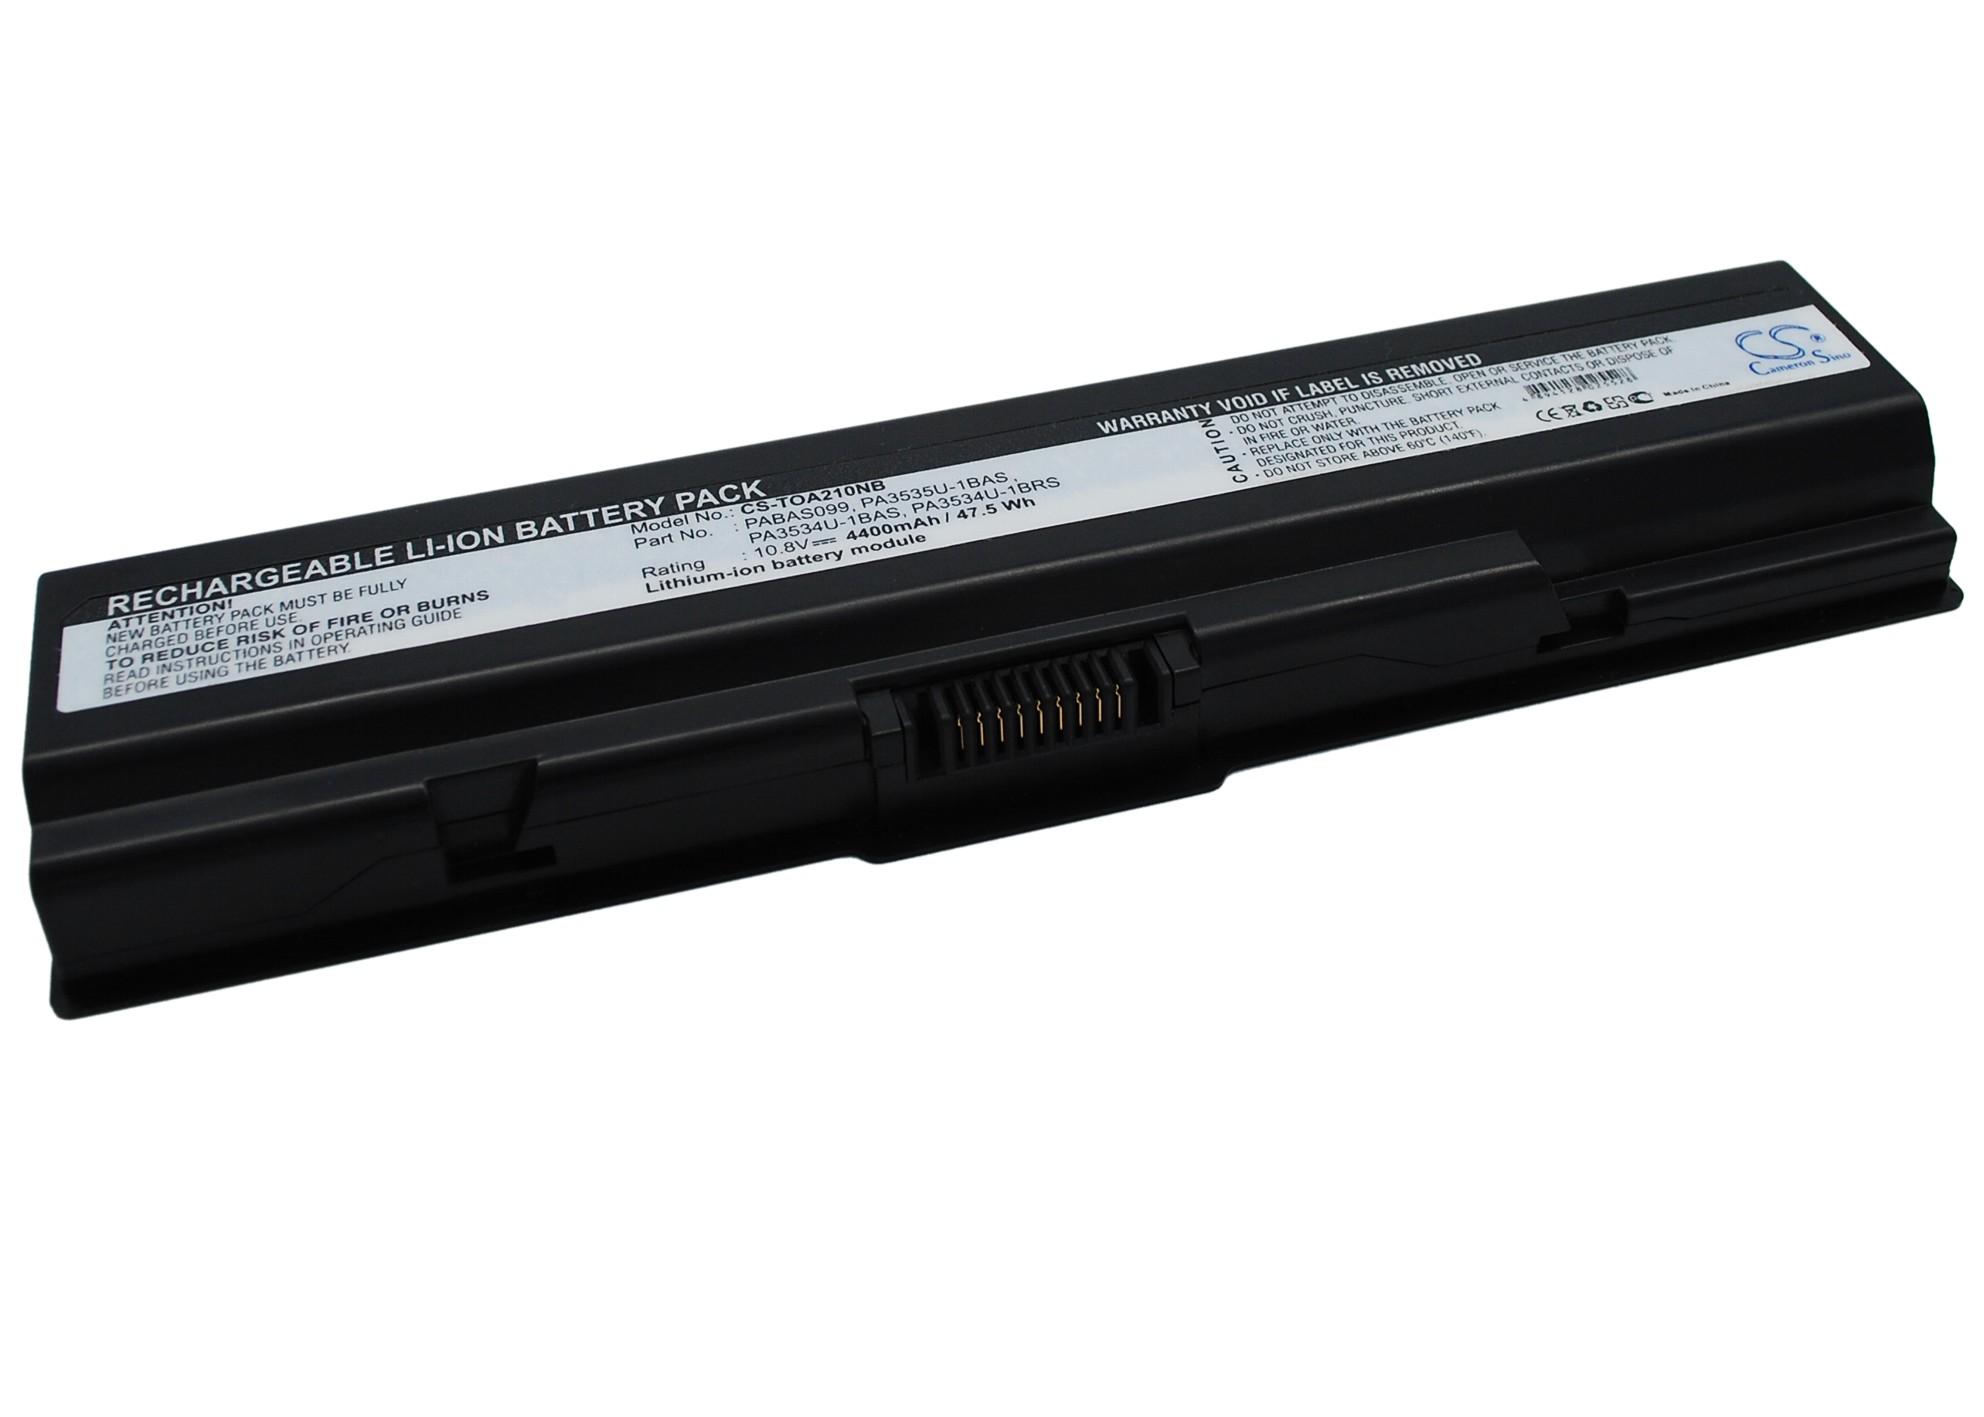 Cameron Sino baterie do notebooků pro TOSHIBA Satellite L505-ES5042 10.8V Li-ion 4400mAh černá - neoriginální